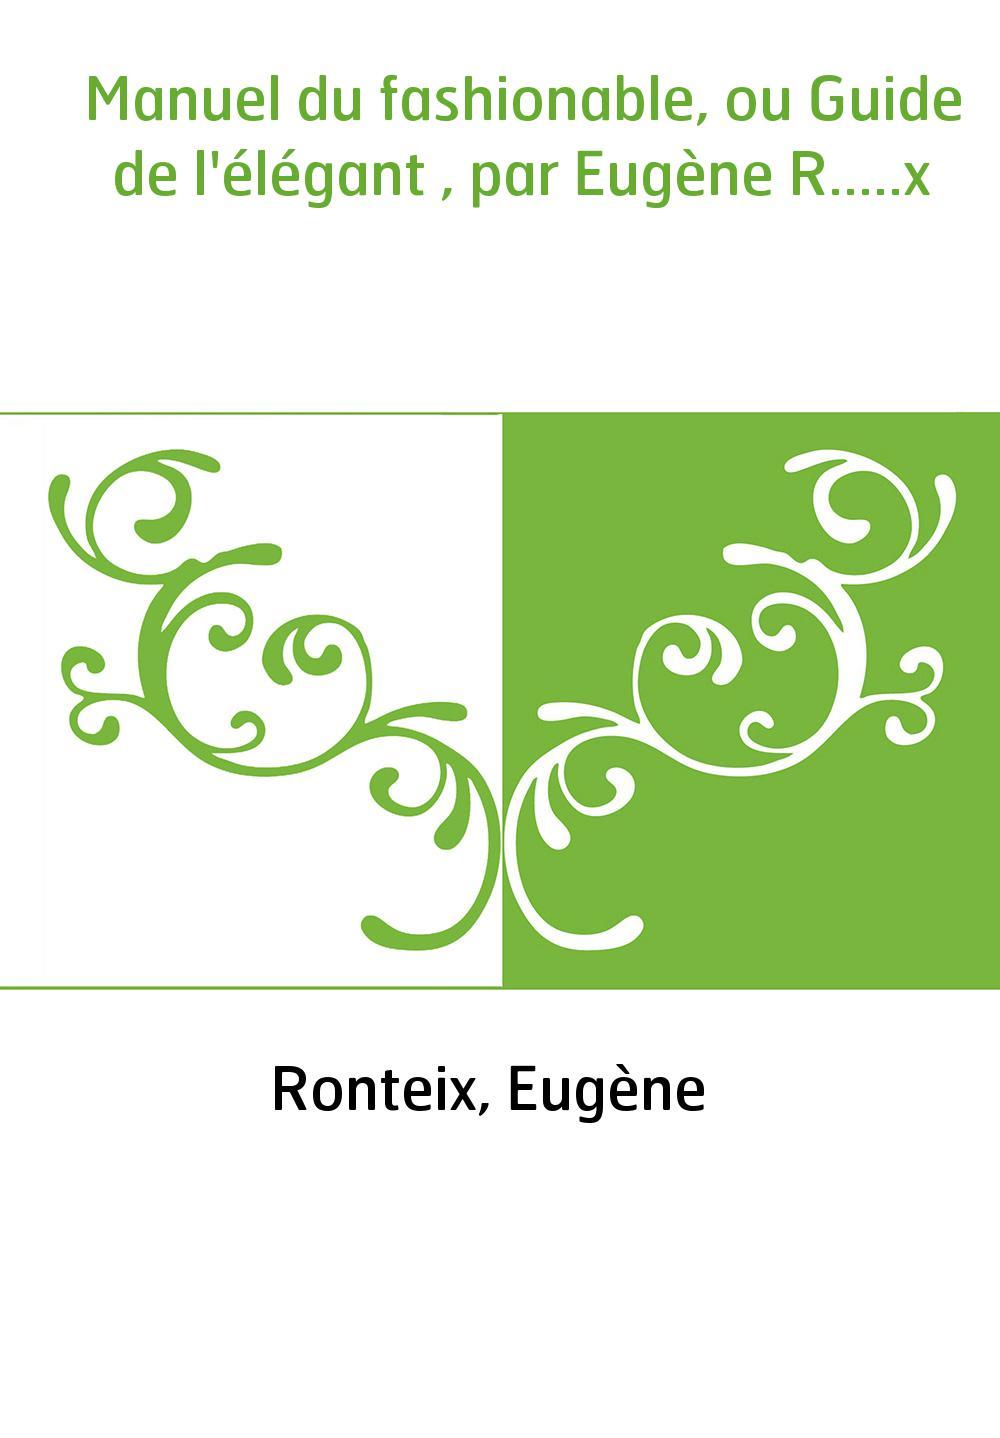 Manuel du fashionable, ou Guide de l'élégant , par Eugène R.....x